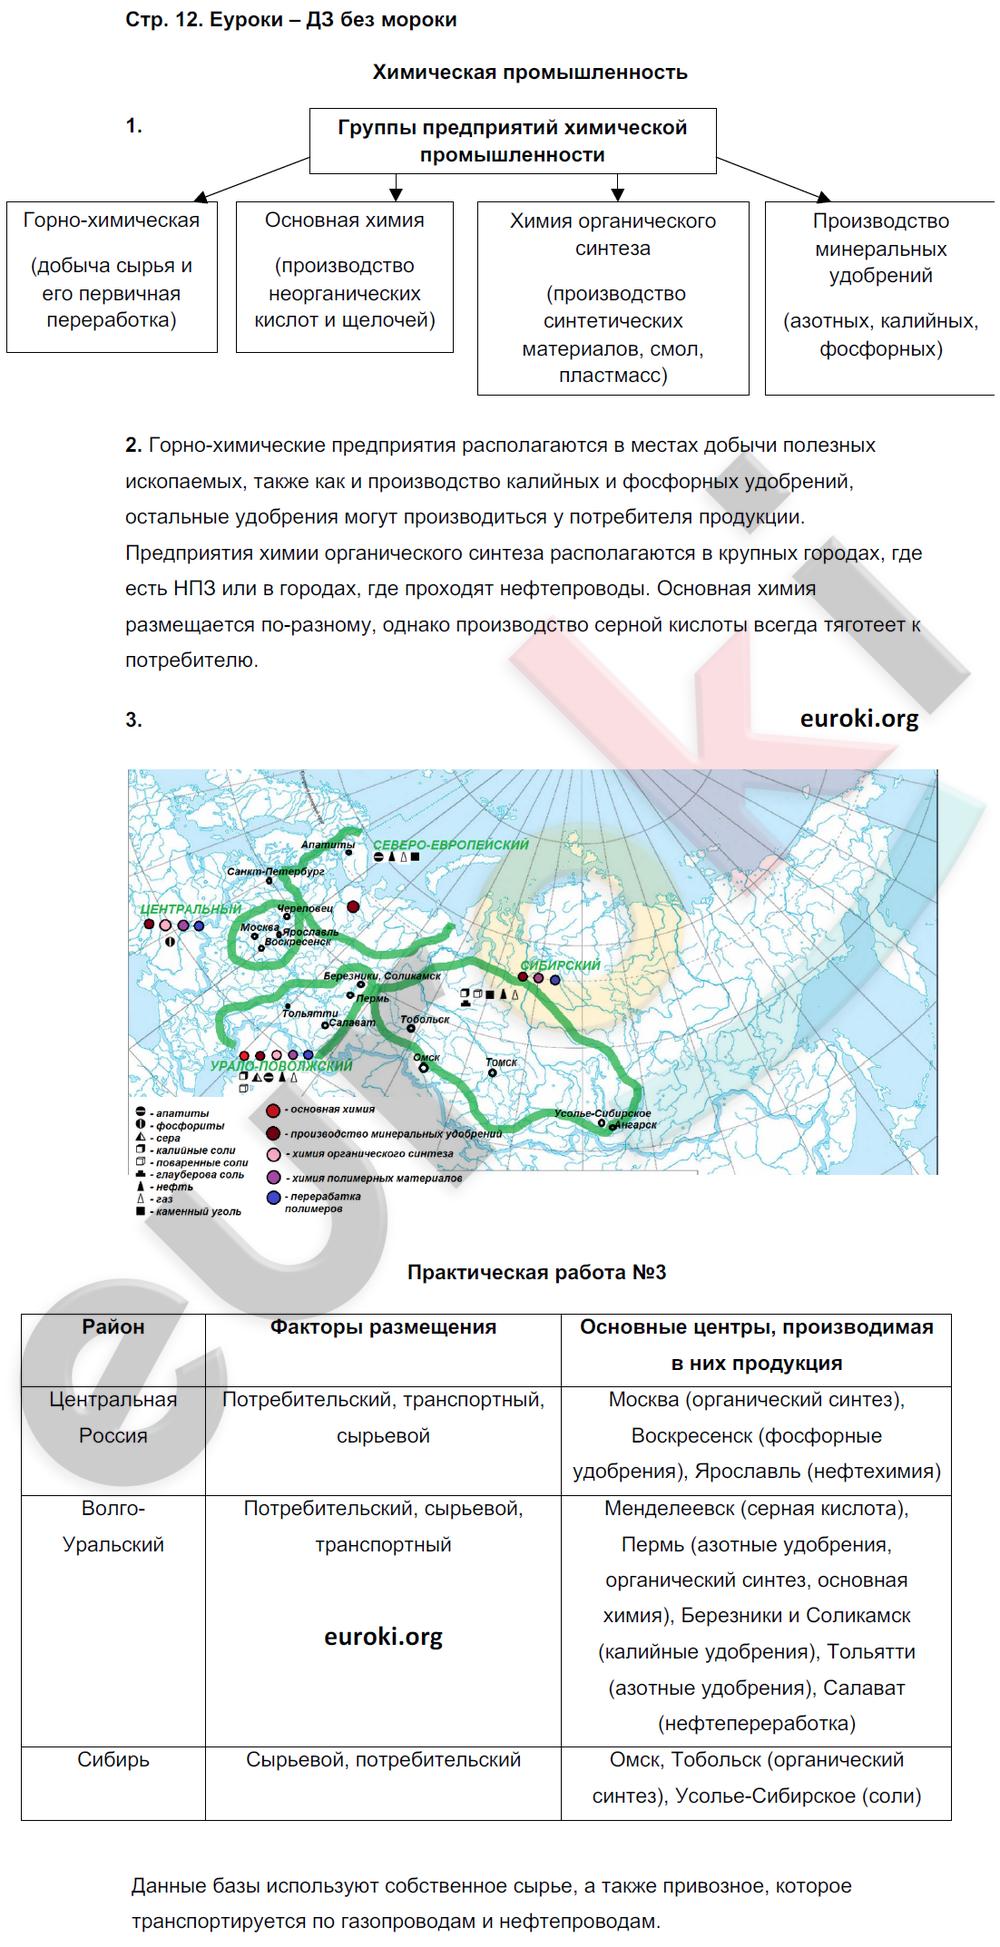 ГДЗ по географии 9 класс рабочая тетрадь Баринова, Суслов. Задание: стр. 12